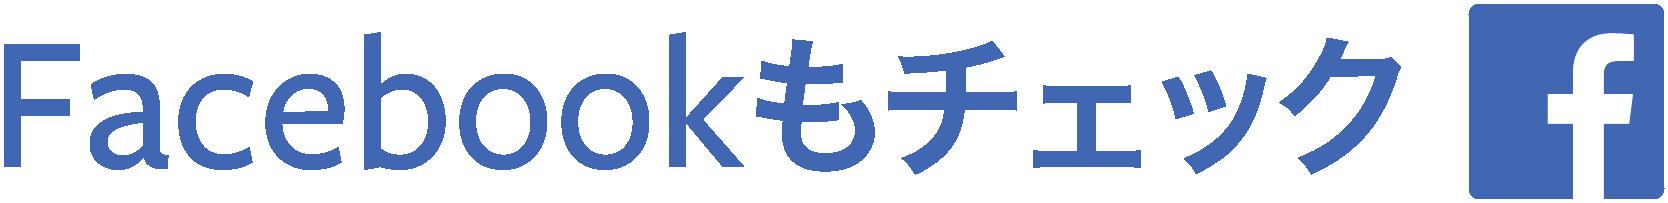 日本ファイナンス公式Facebookページ